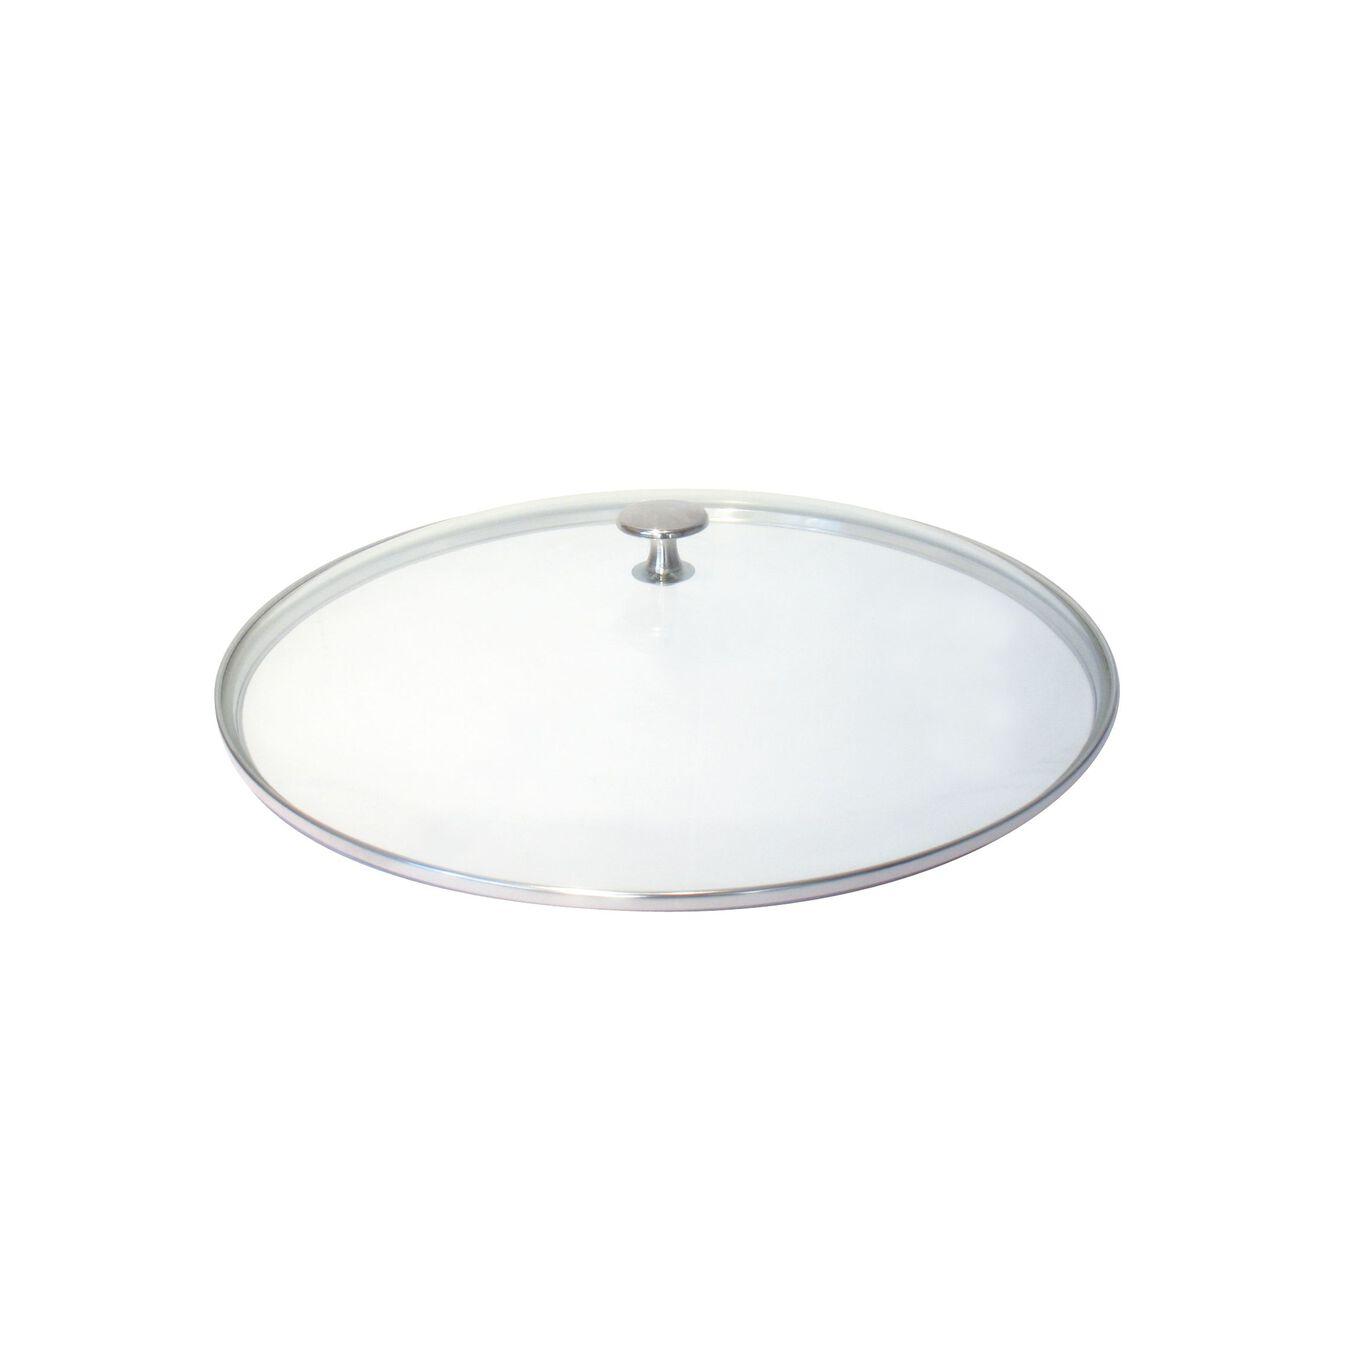 Couvercle, Rond(e) | Verre | Transparent,,large 1